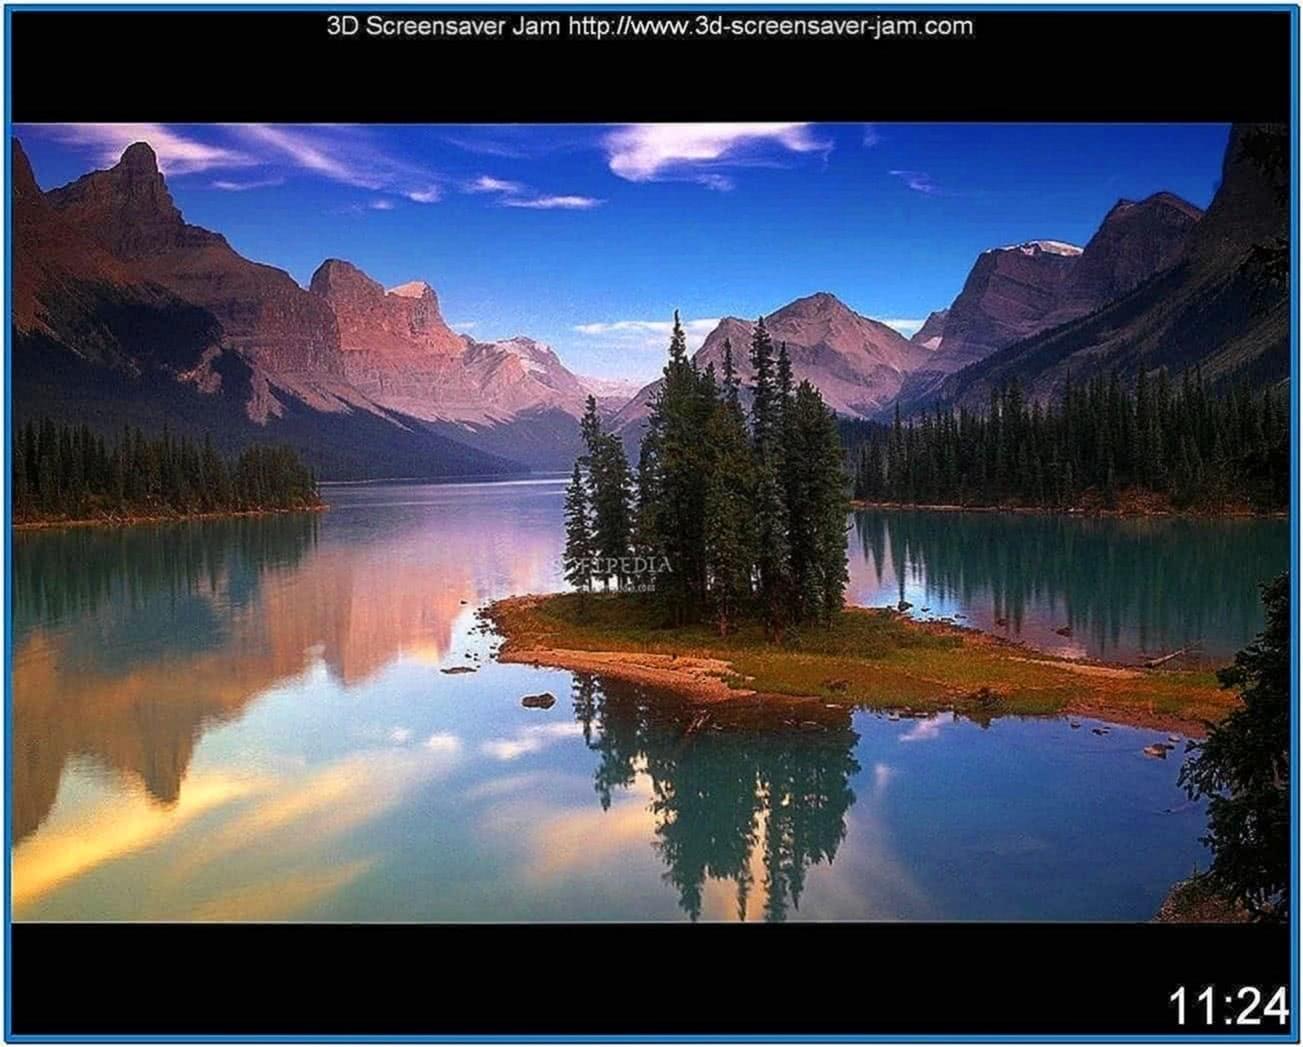 Screensaver for PC Windows 7